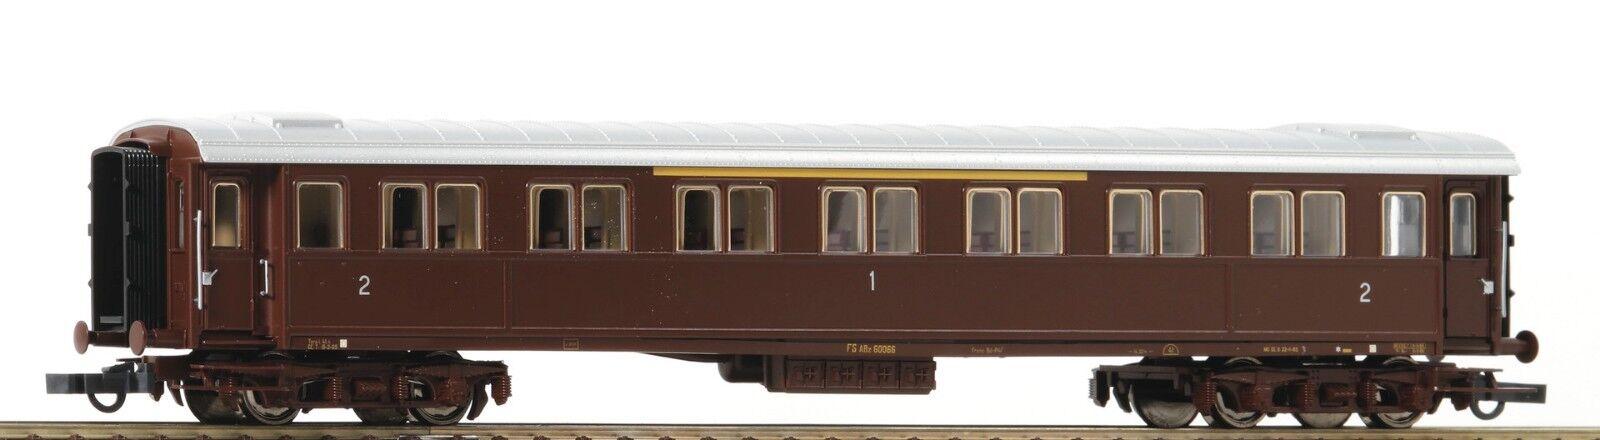 Roco 74381 Tipo '21 SERIE 10000 e derivate Castano, mista 1a/2a classe FS